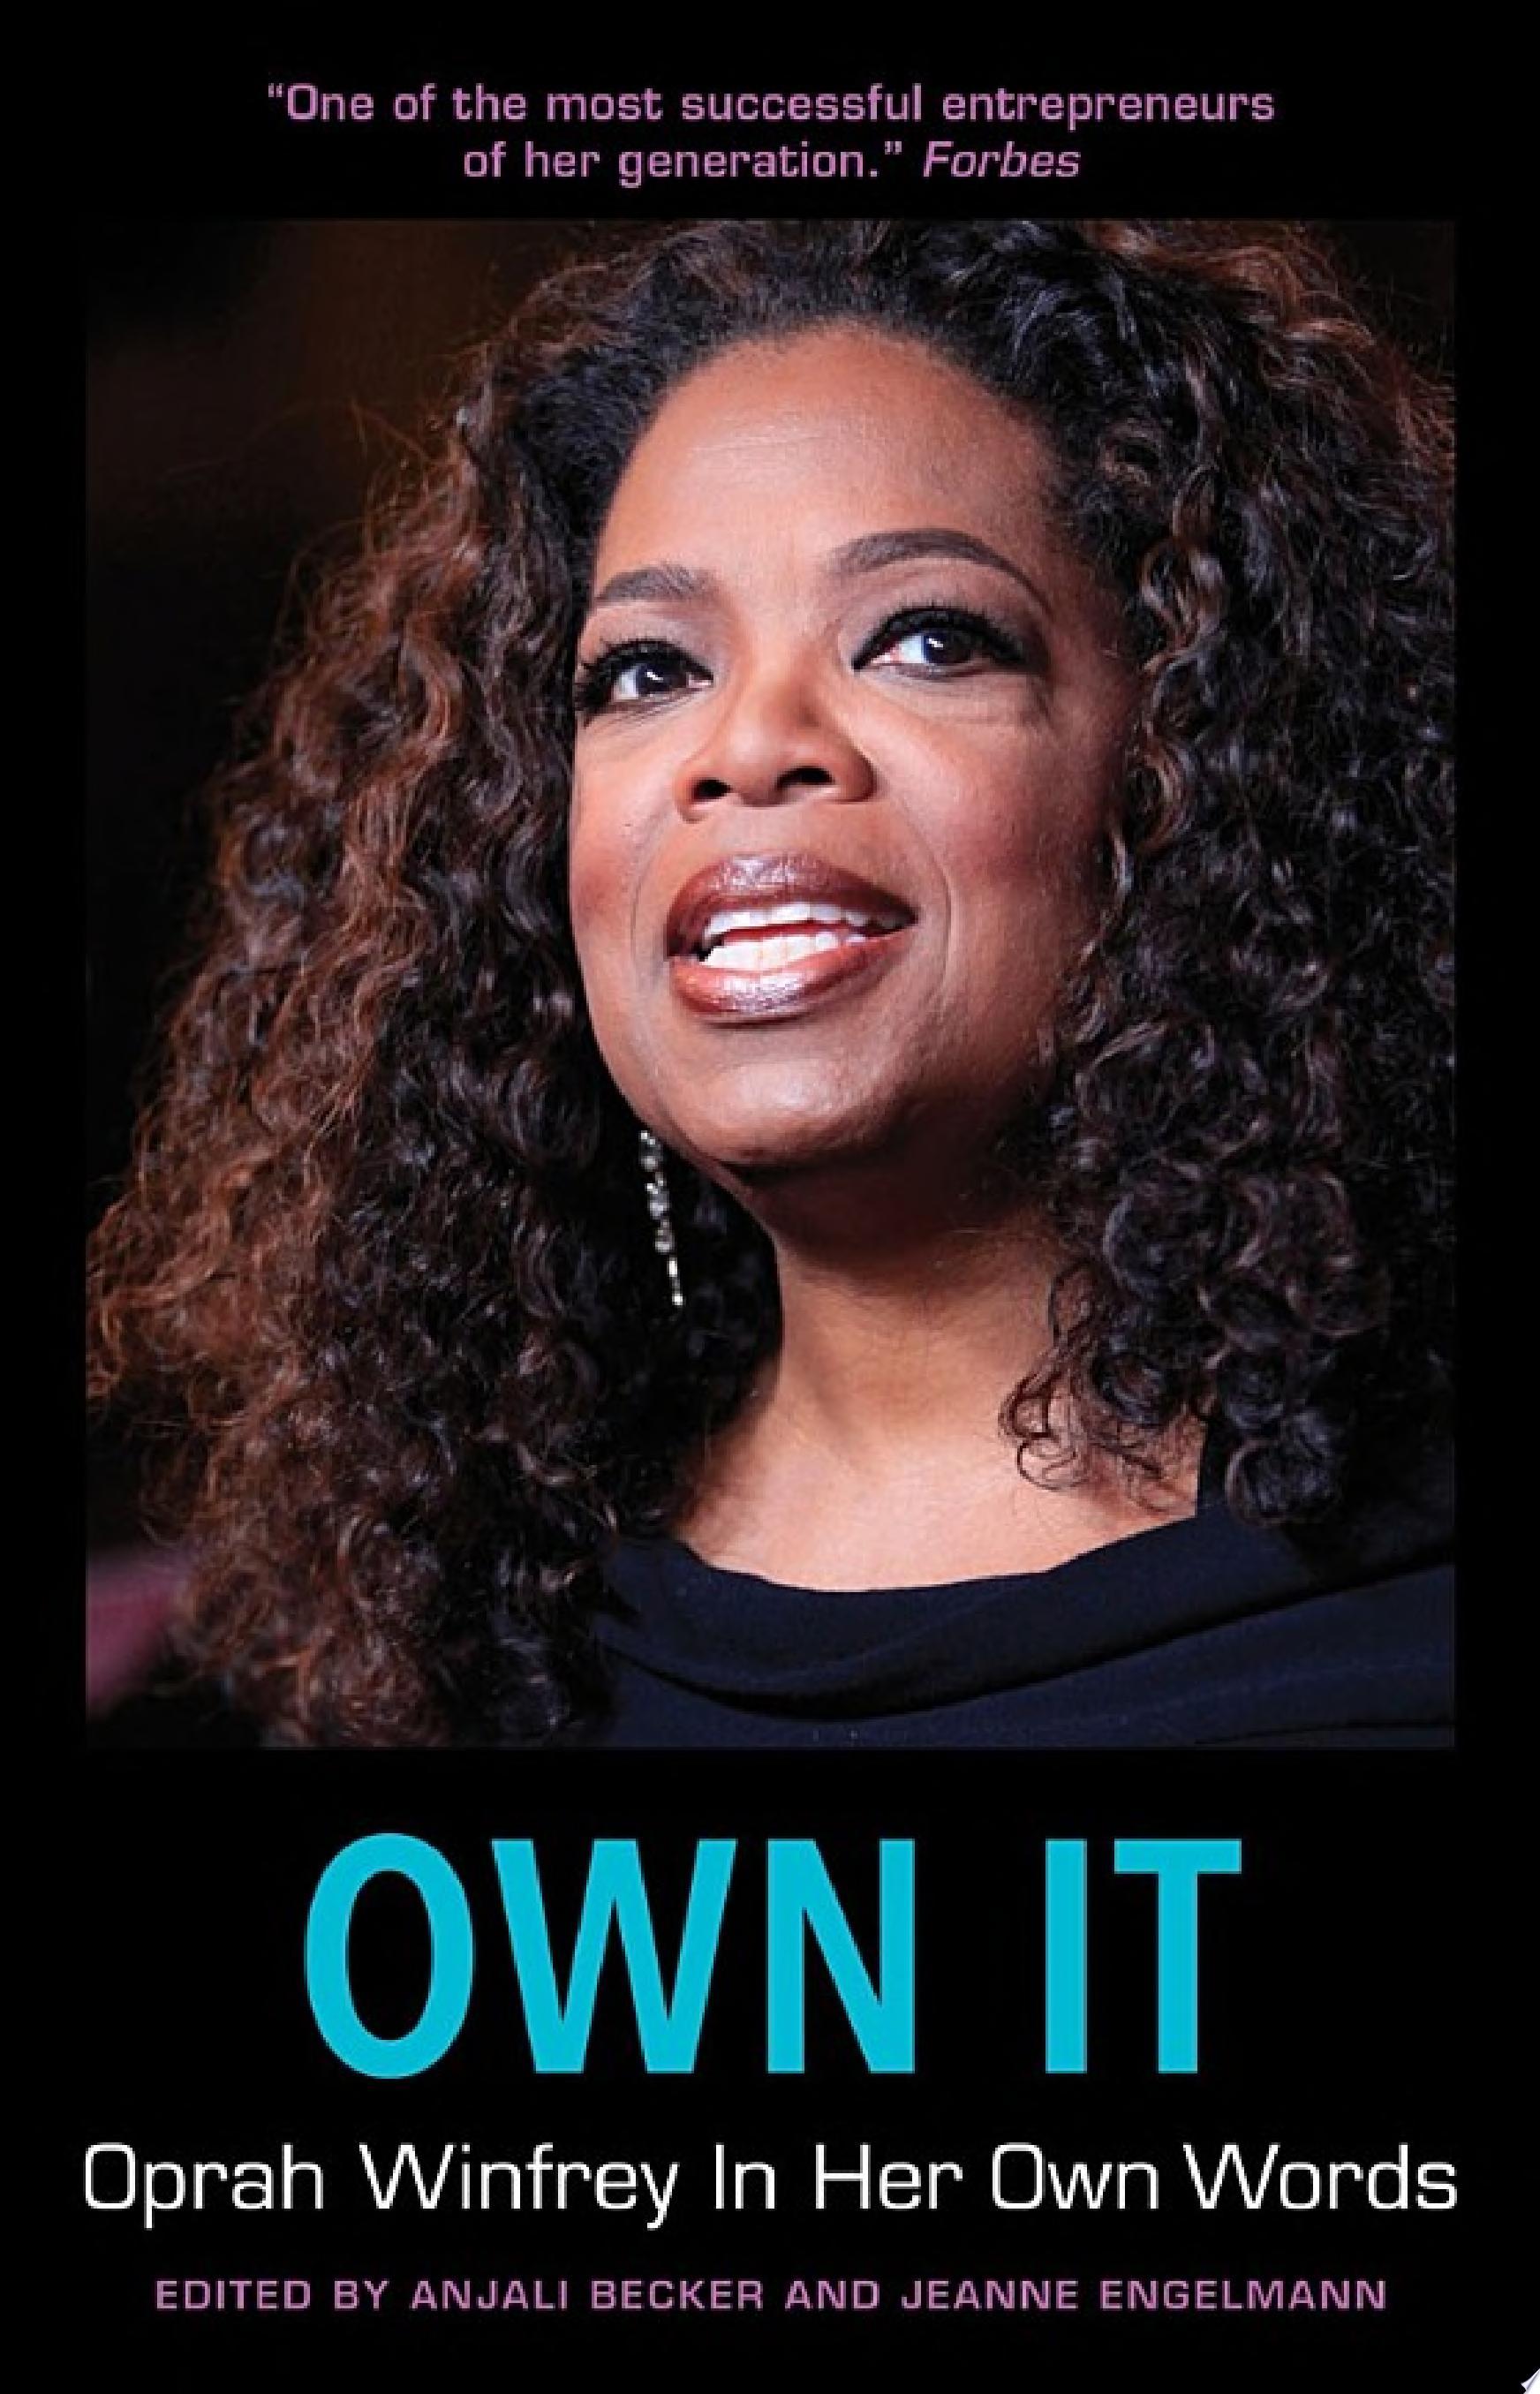 Own It  Oprah Winfrey In Her Own Words